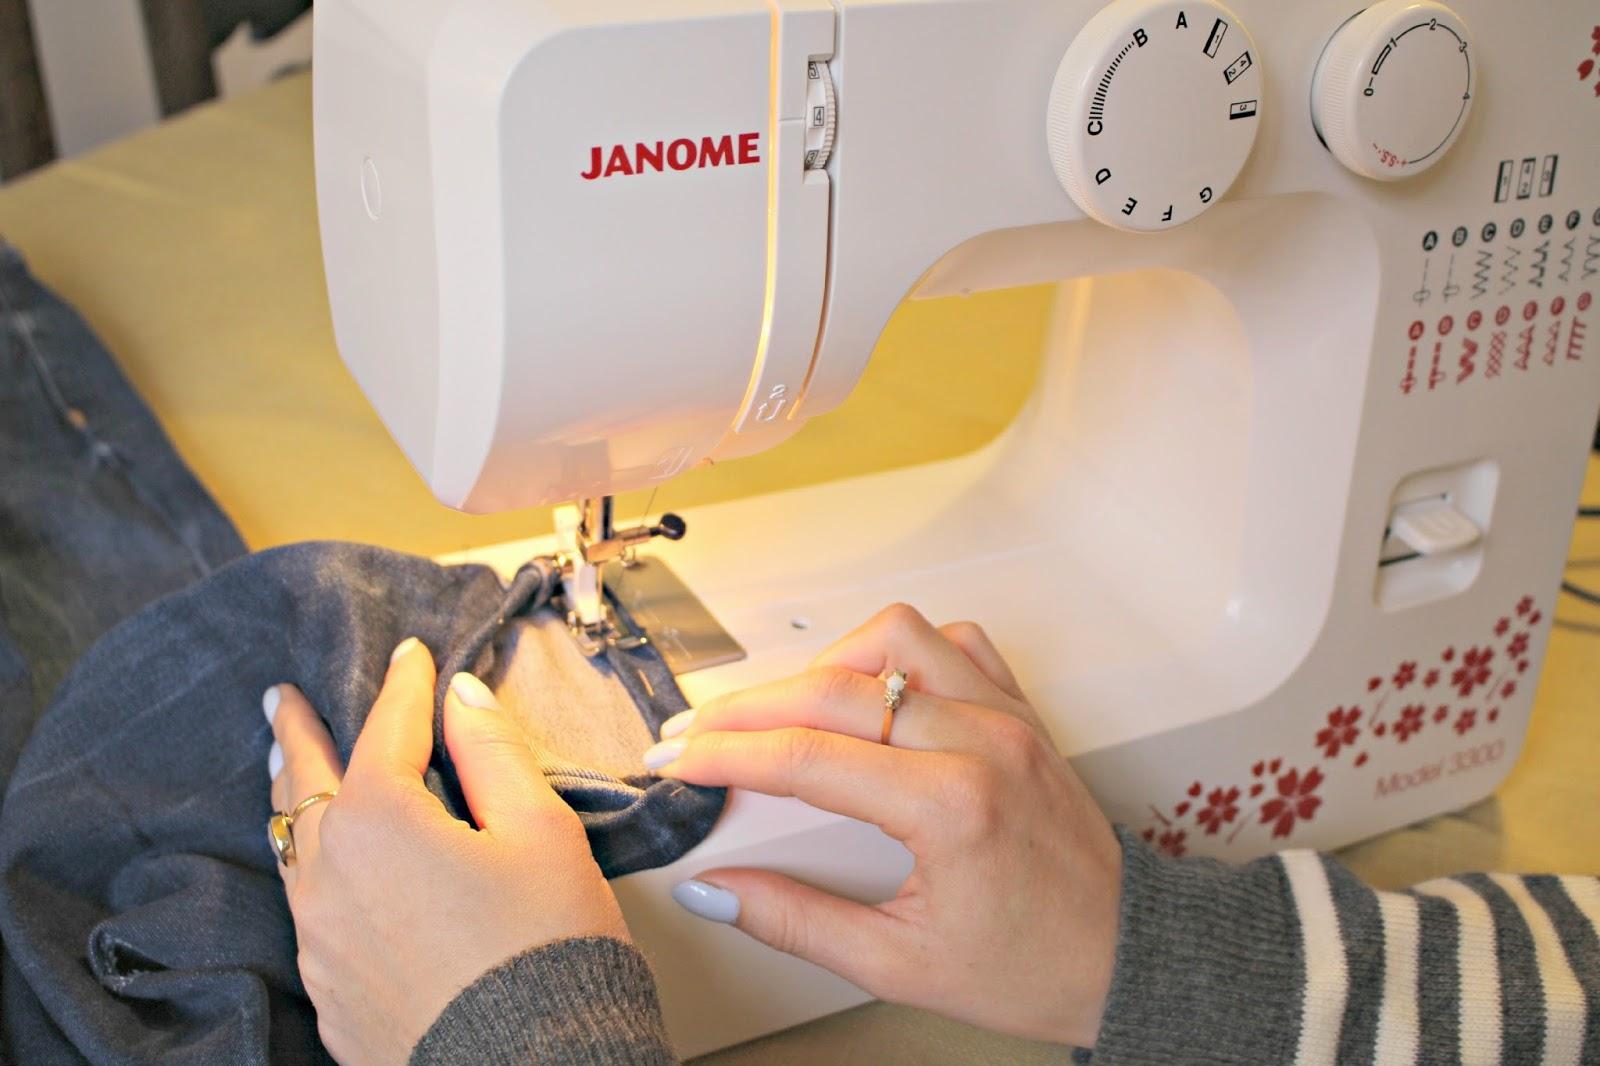 Ремонт швейных машин своими руками Советы мастера 11